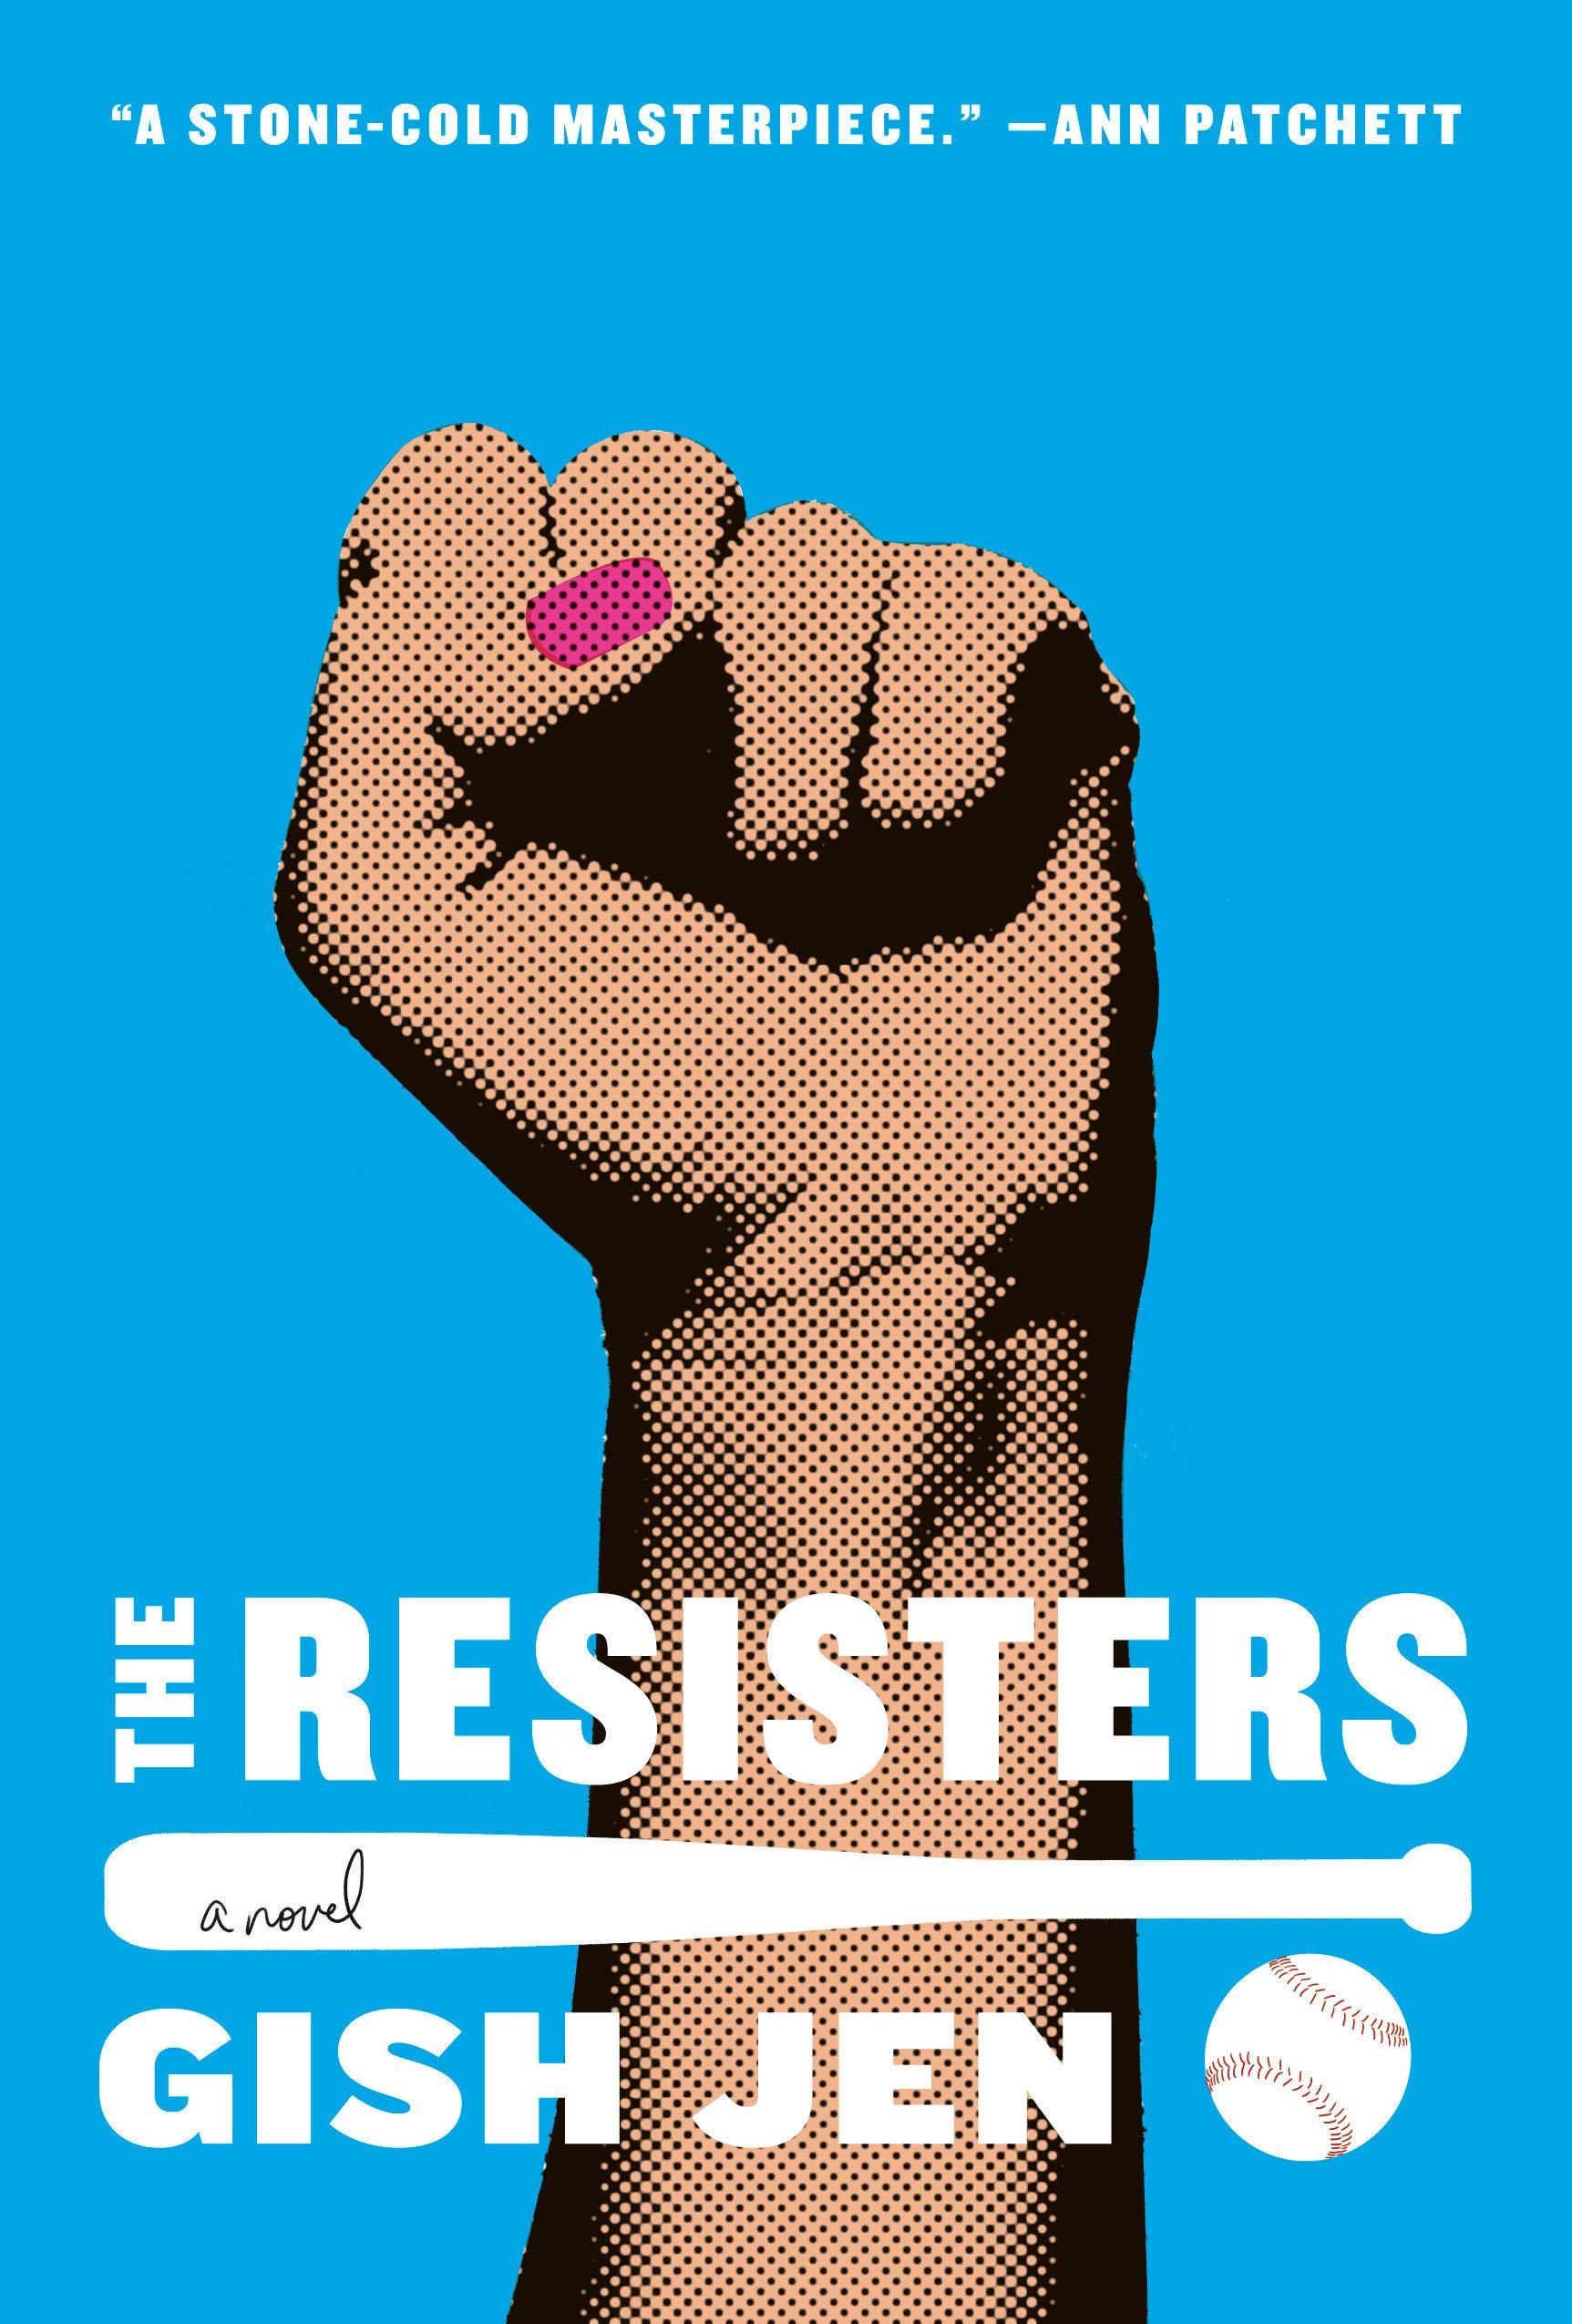 The Resisters: A novel: Jen, Gish: 9780525657217: Amazon.com: Books